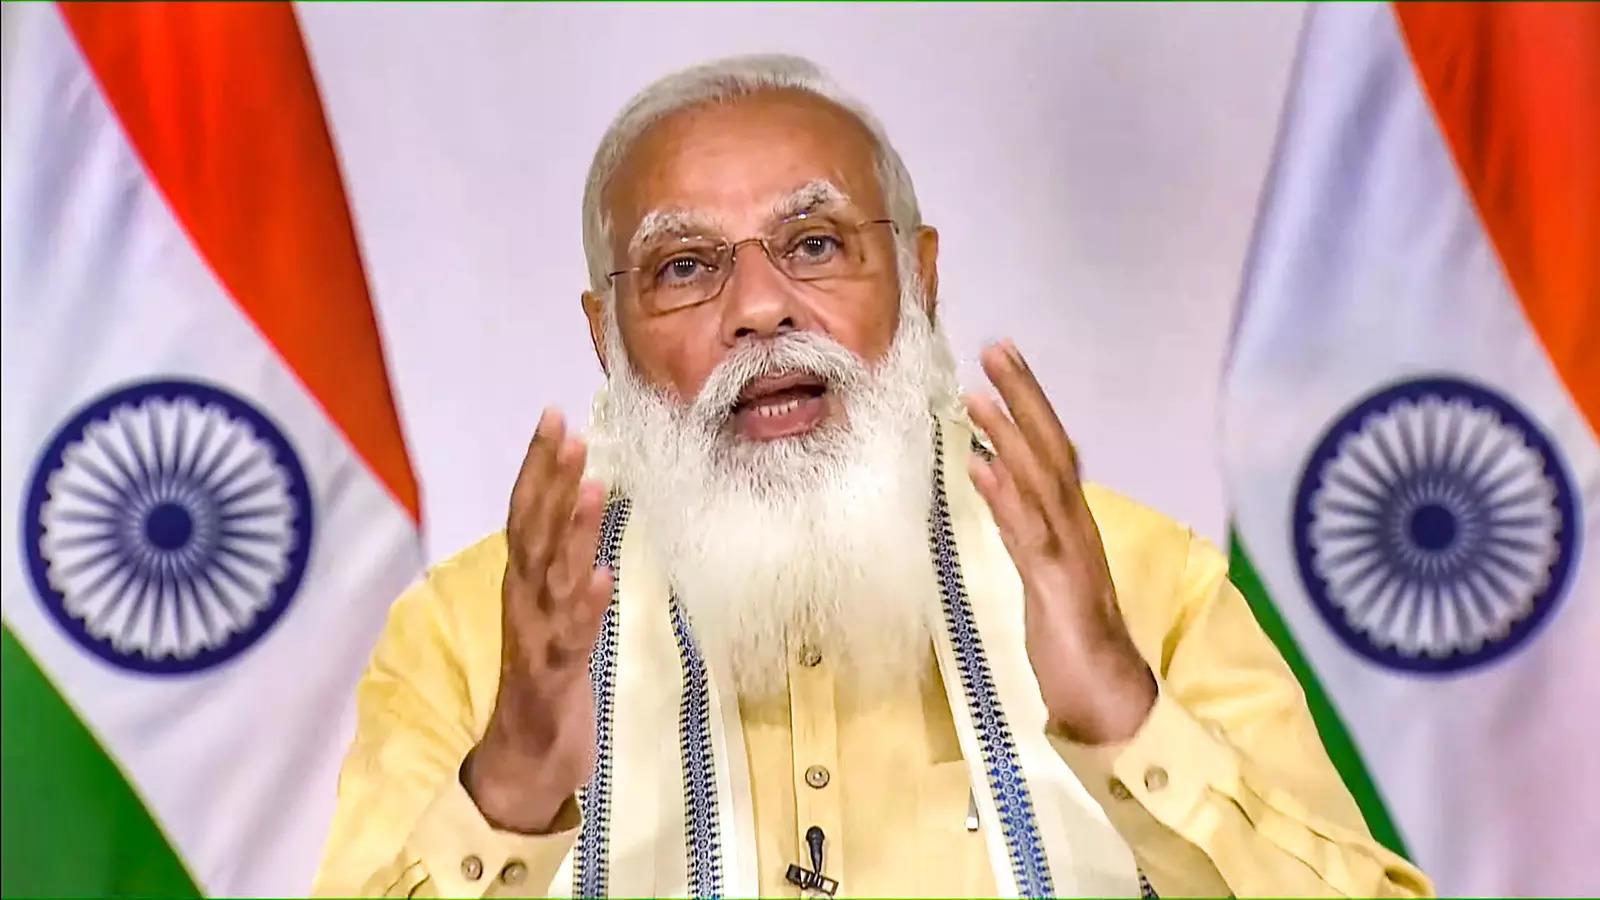 New Delhi: Prime Minister Narendra Modi addresses the nation, in New Delhi. (PTI Photo)(